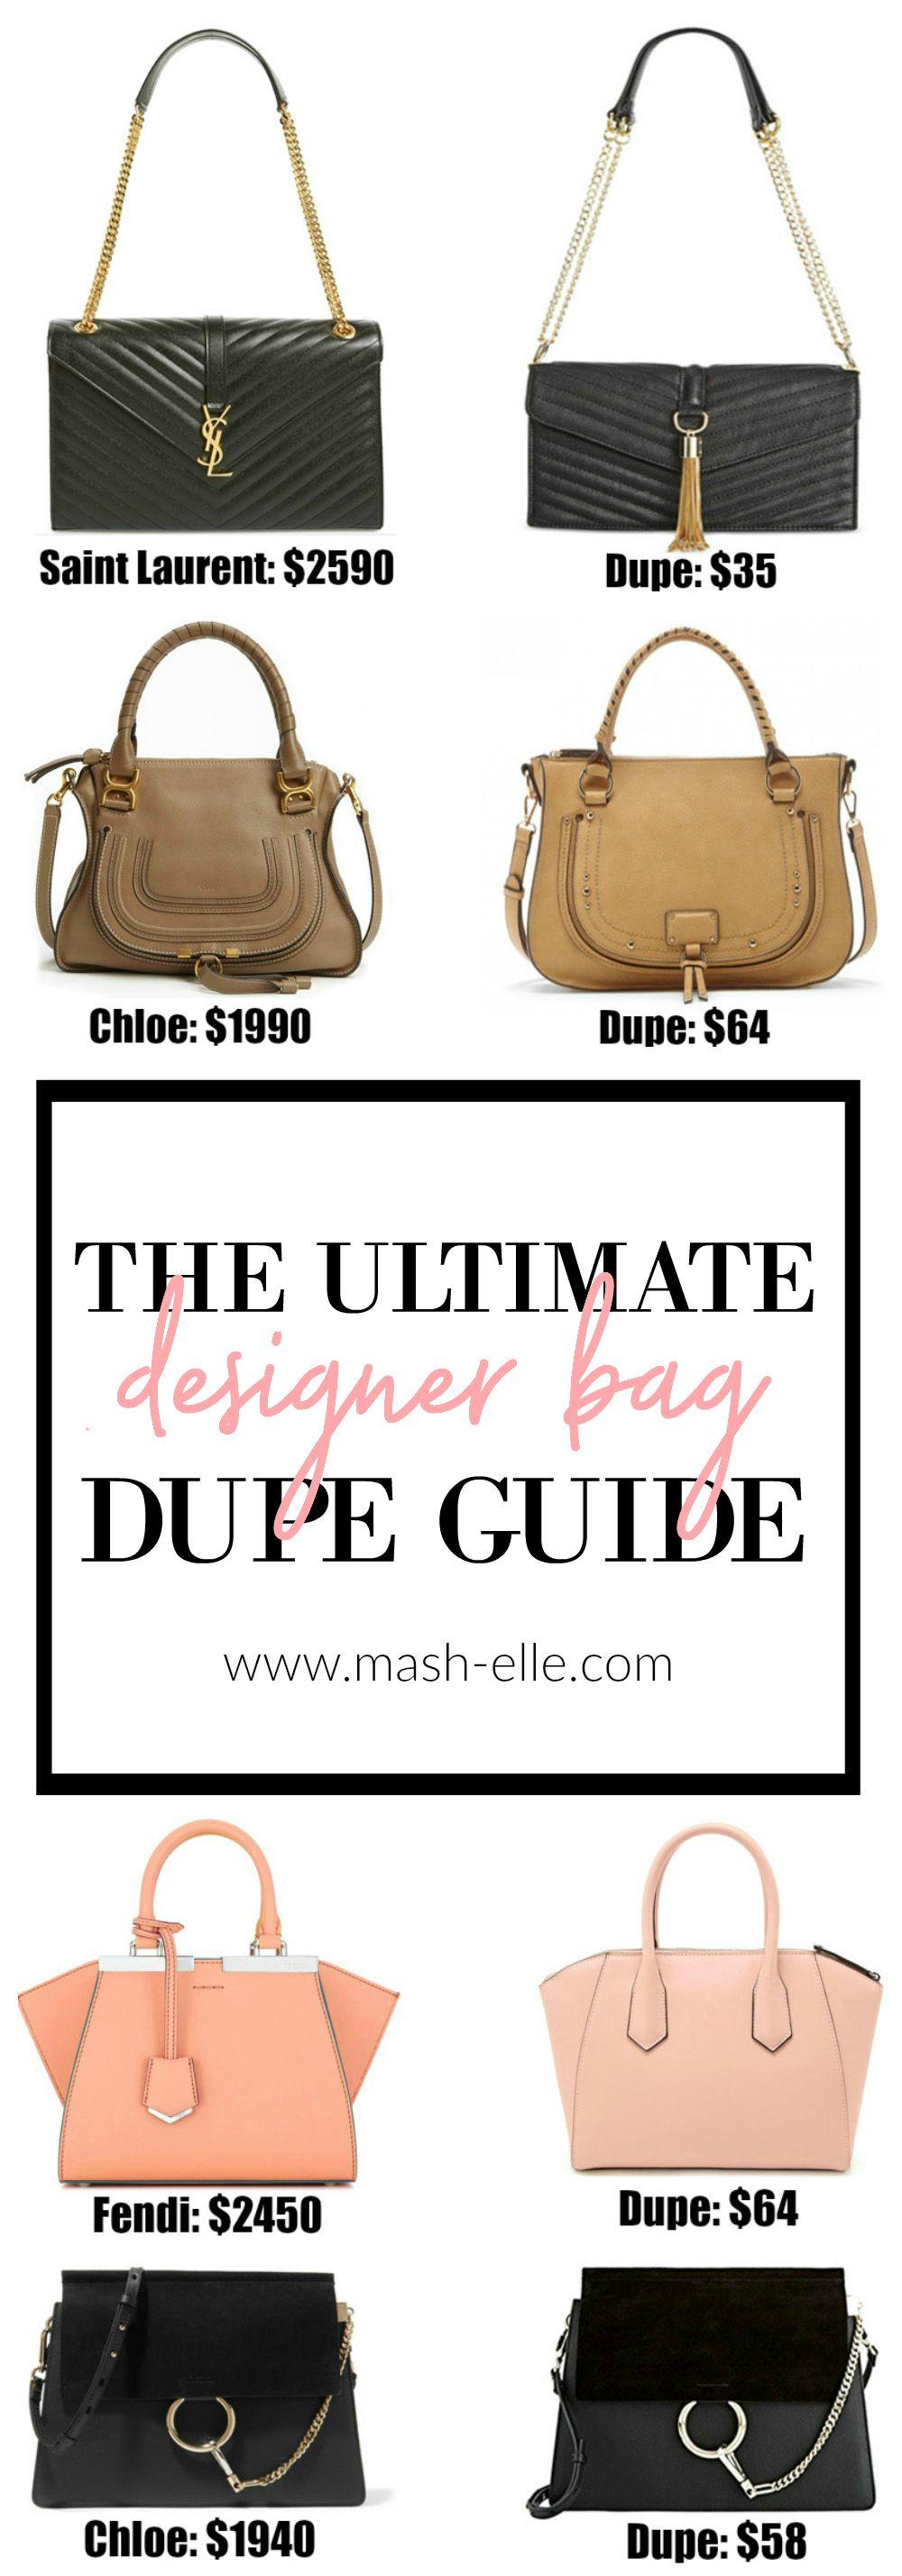 3474a4f1df Fashion blogger Mash Elle shares a complete designer bag dupe guide!  Affordable designer bag dupes for Chloe